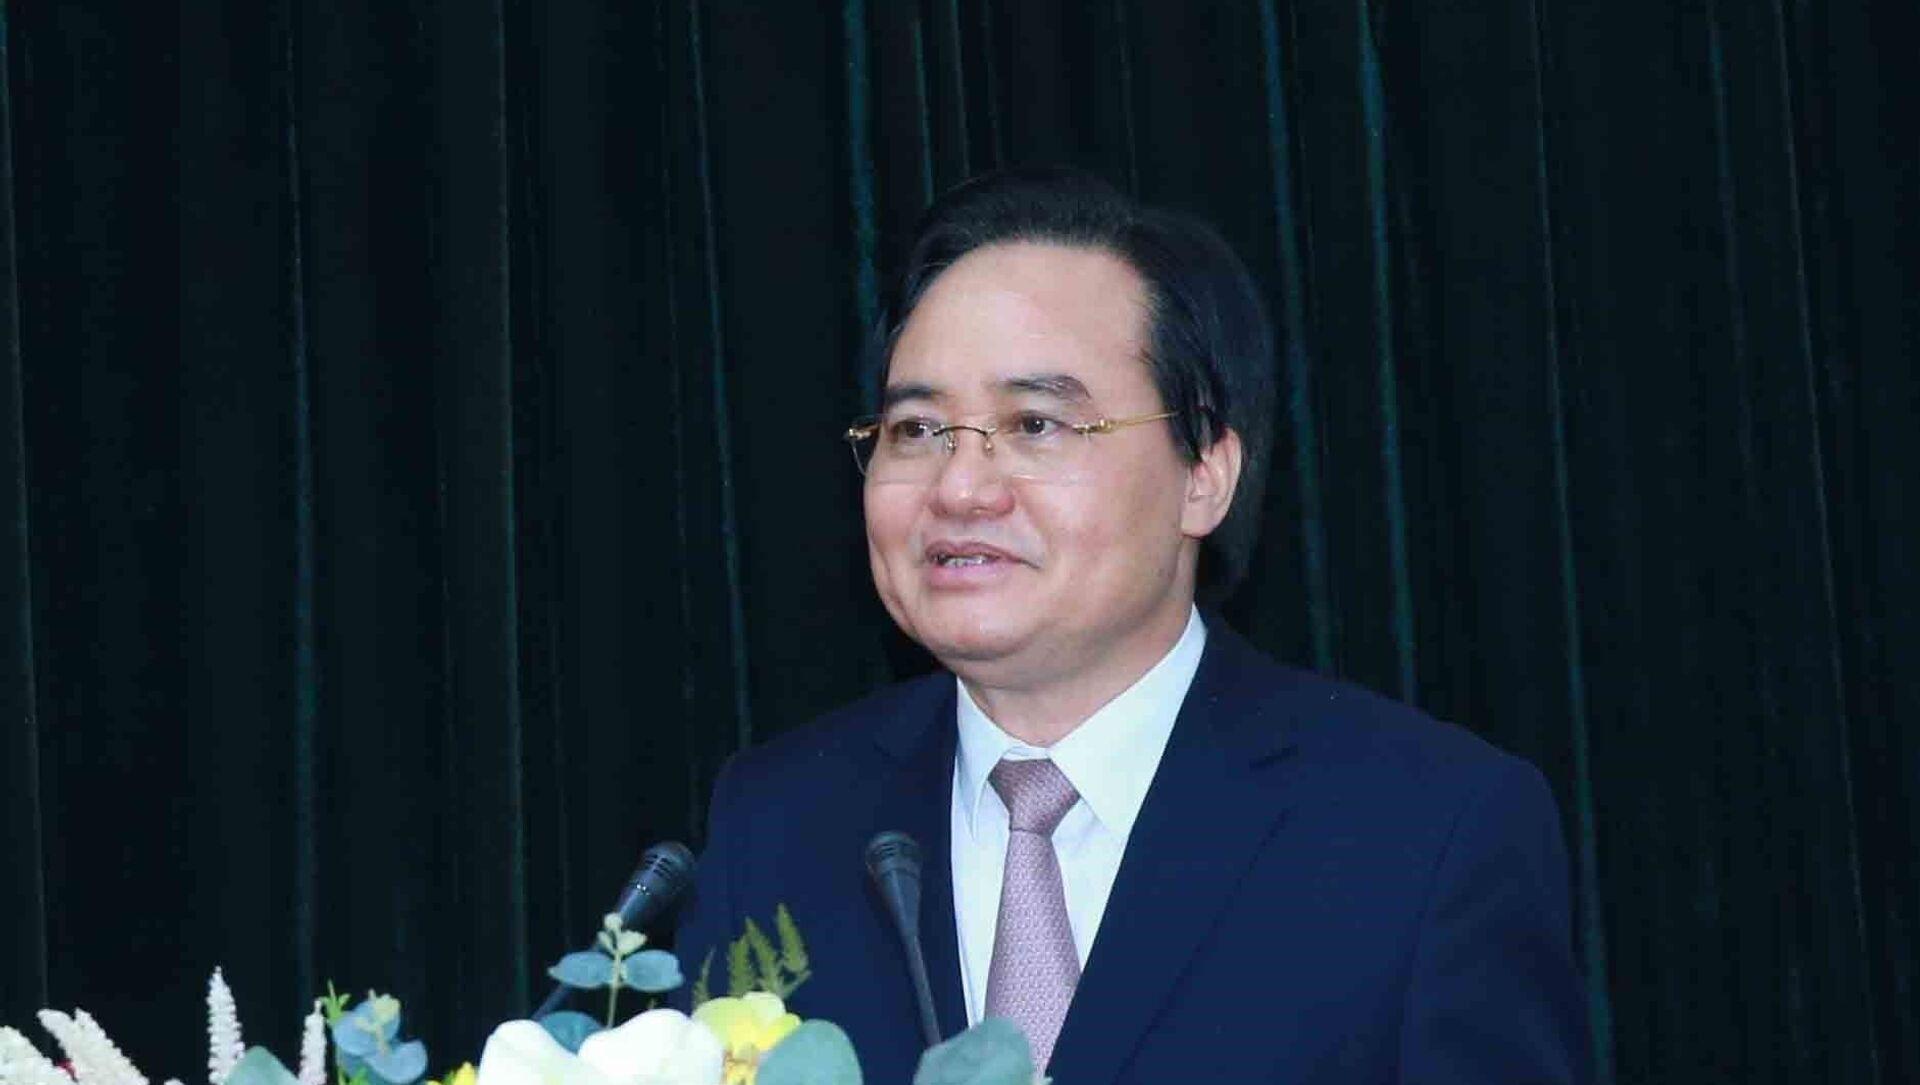 Đồng chí Phùng Xuân Nhạ, Phó Trưởng Ban Tuyên giáo Trung ương phát biểu tại hội nghị.  - Sputnik Việt Nam, 1920, 27.04.2021